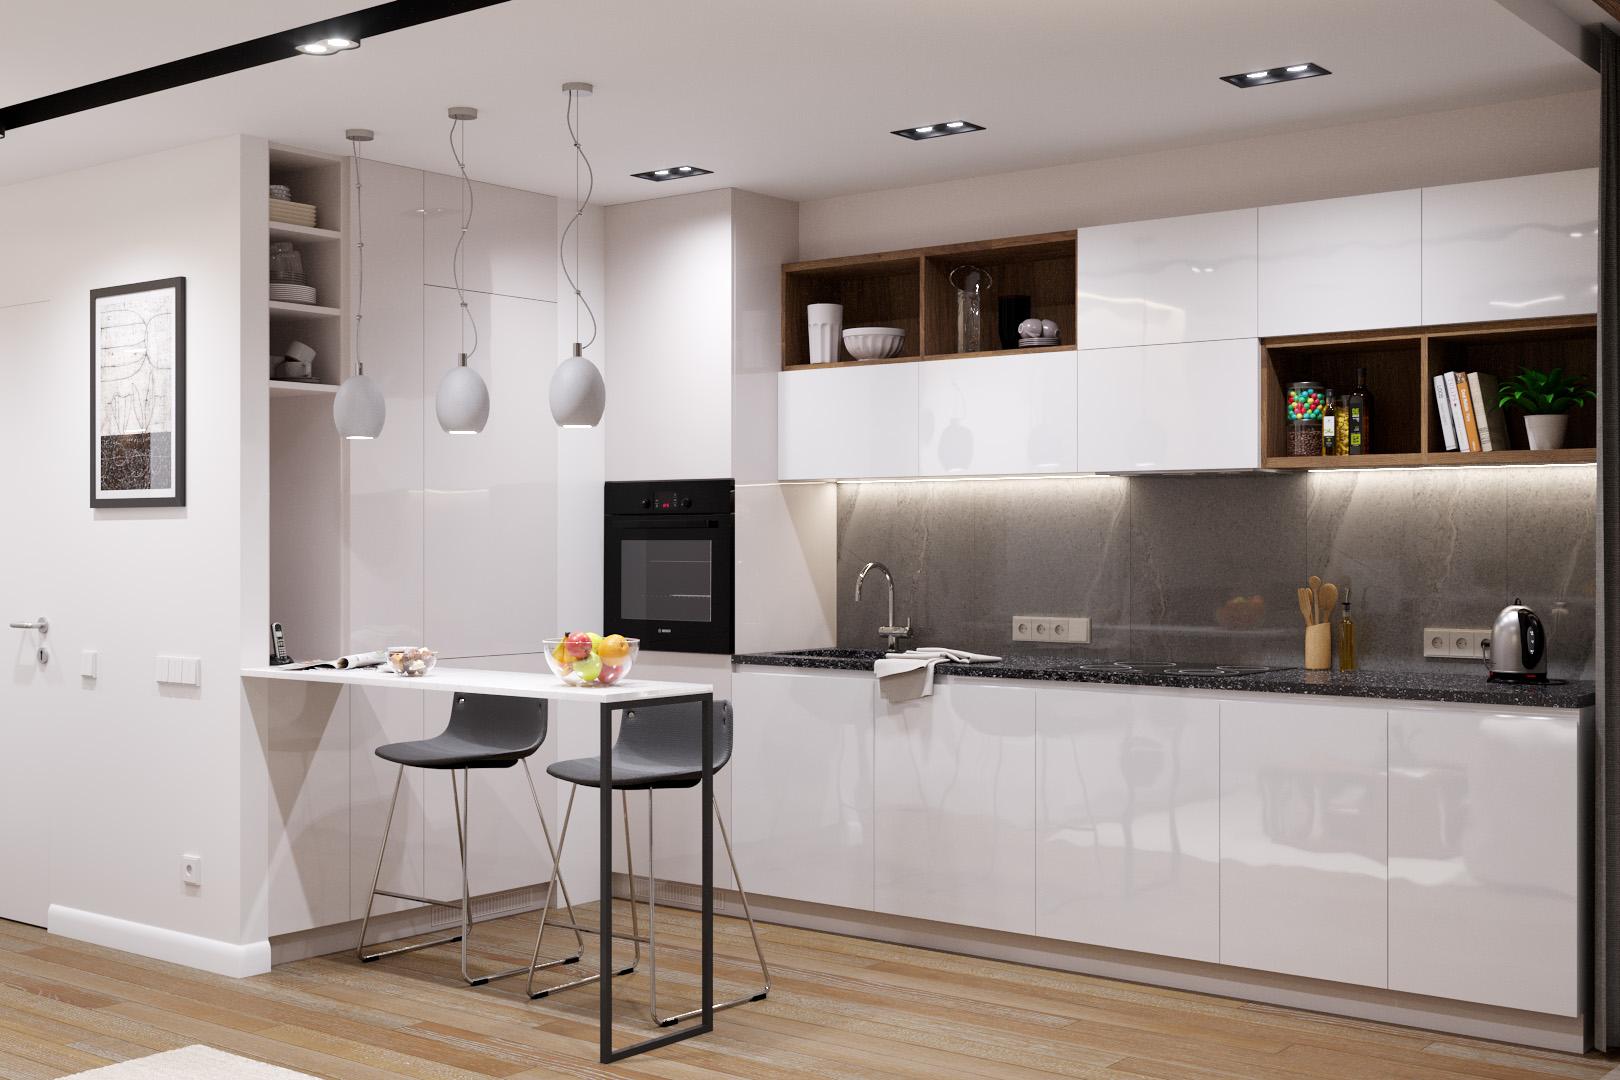 Зона кухни, вечерний свет